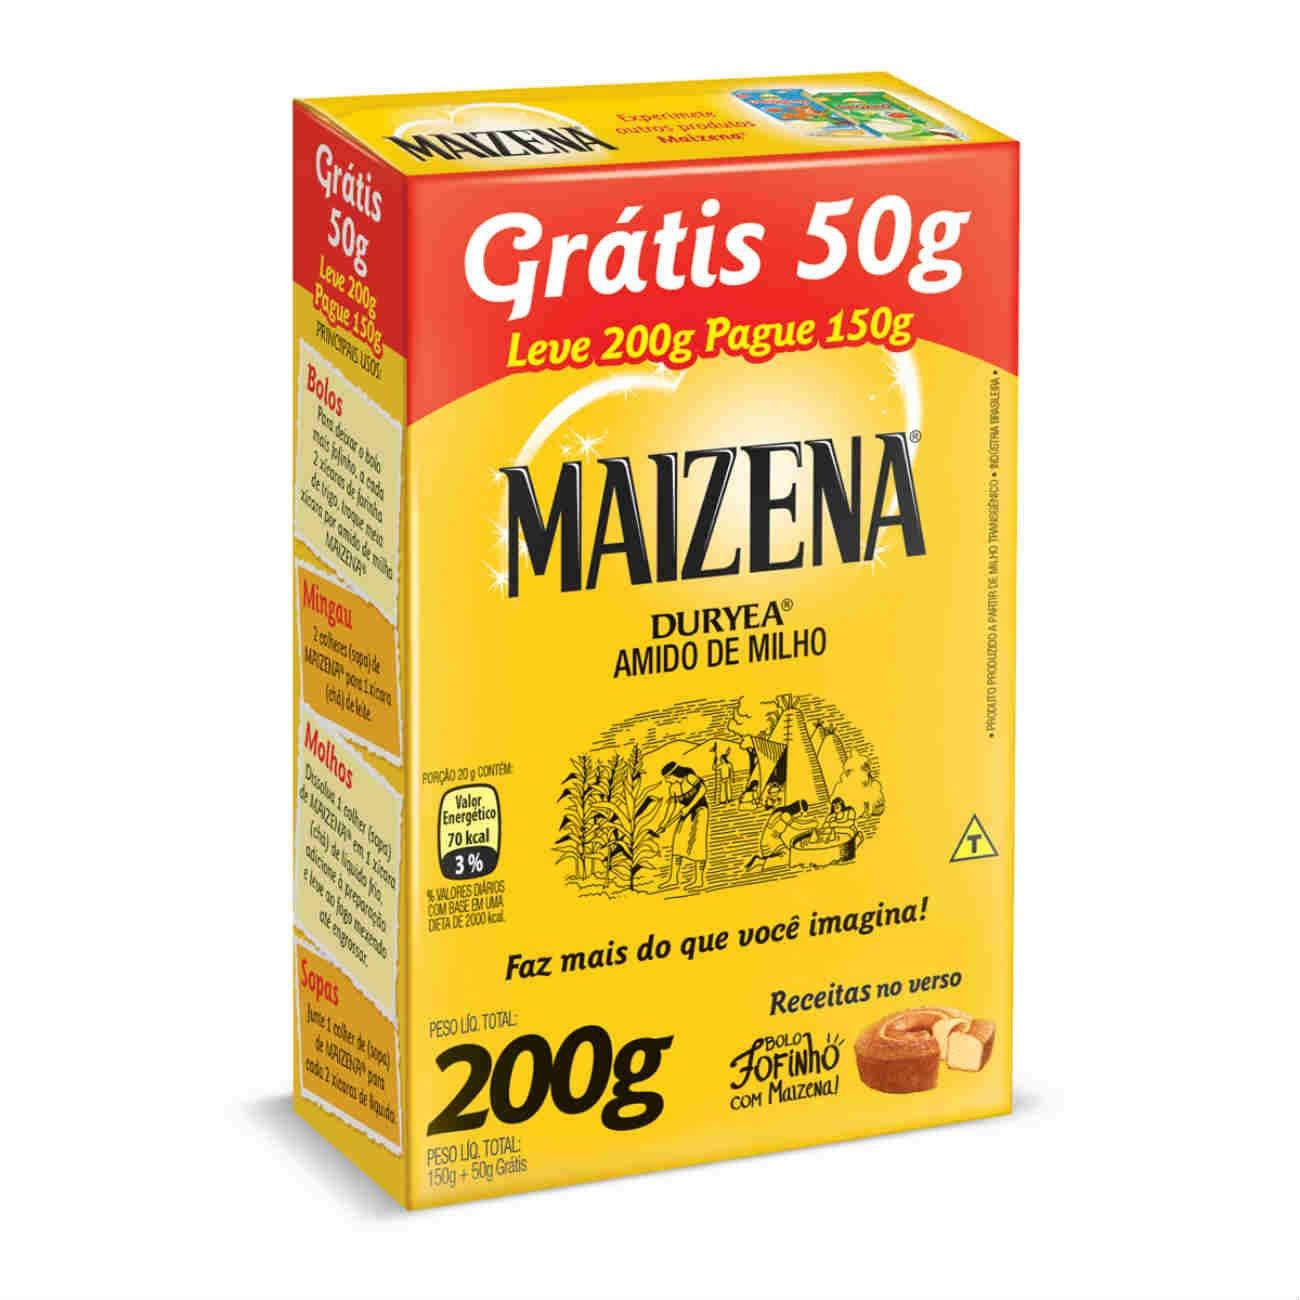 Oferta Amido de Milho Maisena Pague 150g Leve 200g